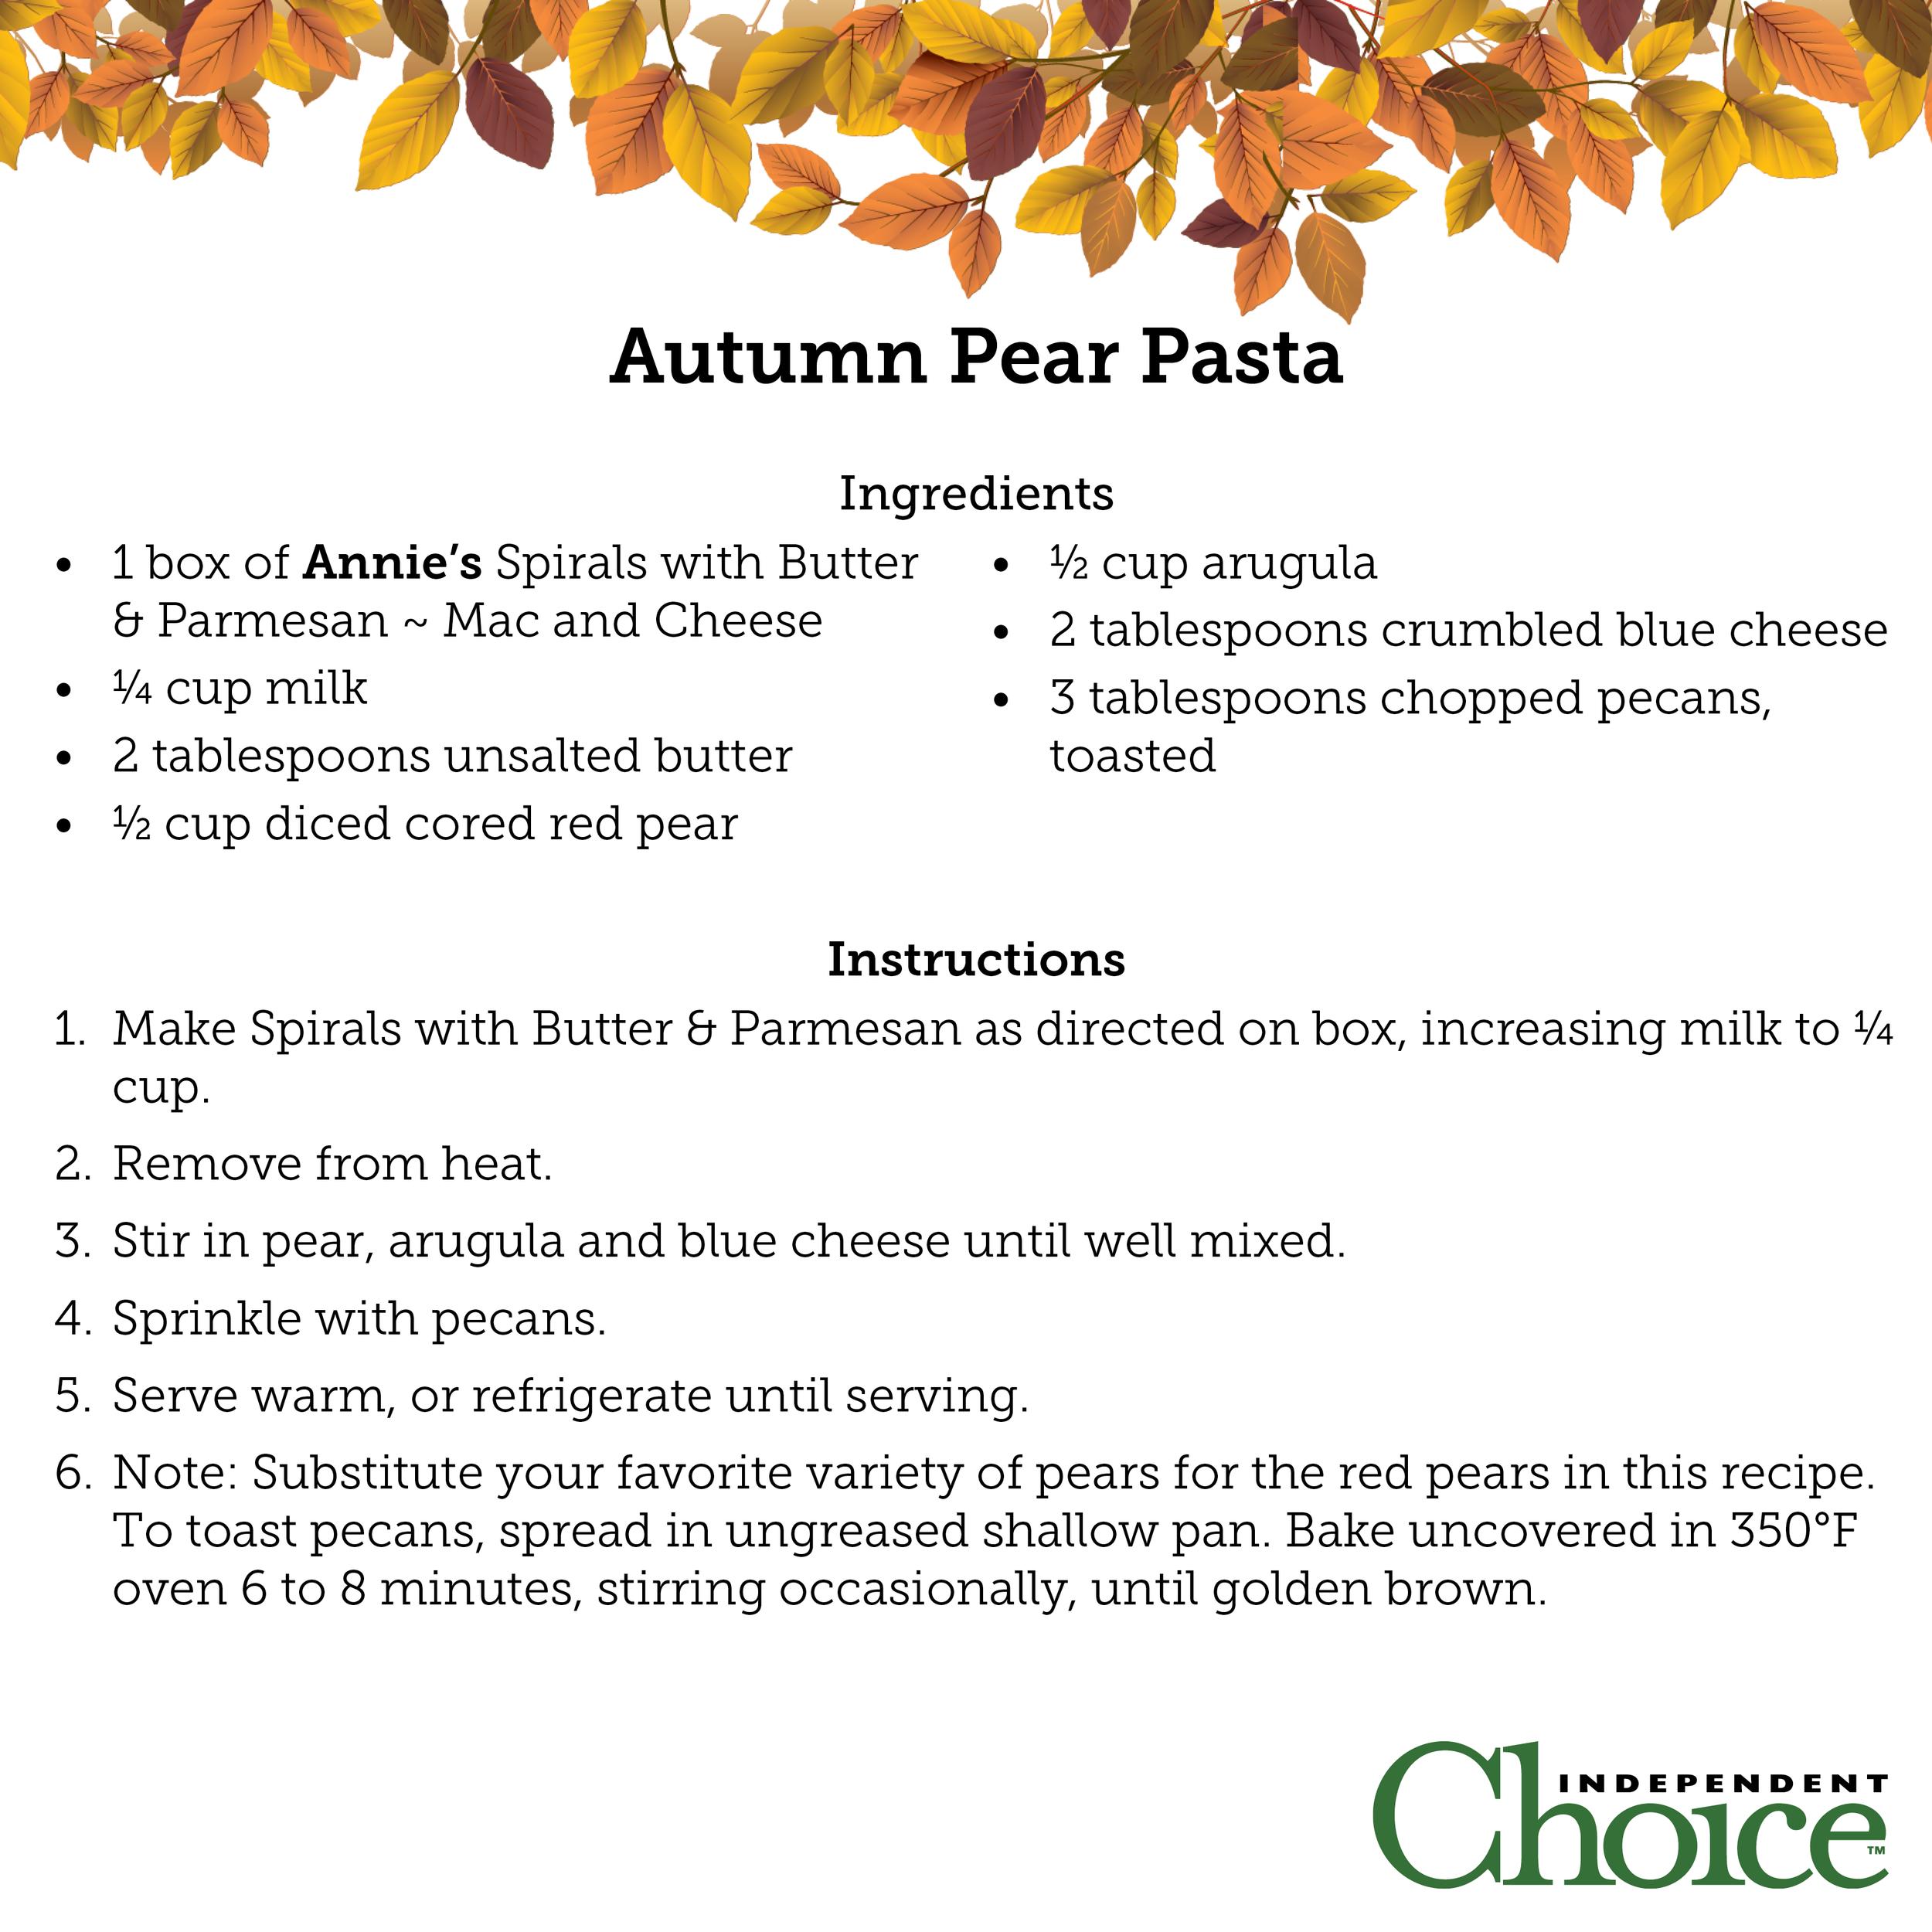 autumn pear pasta recipe.png